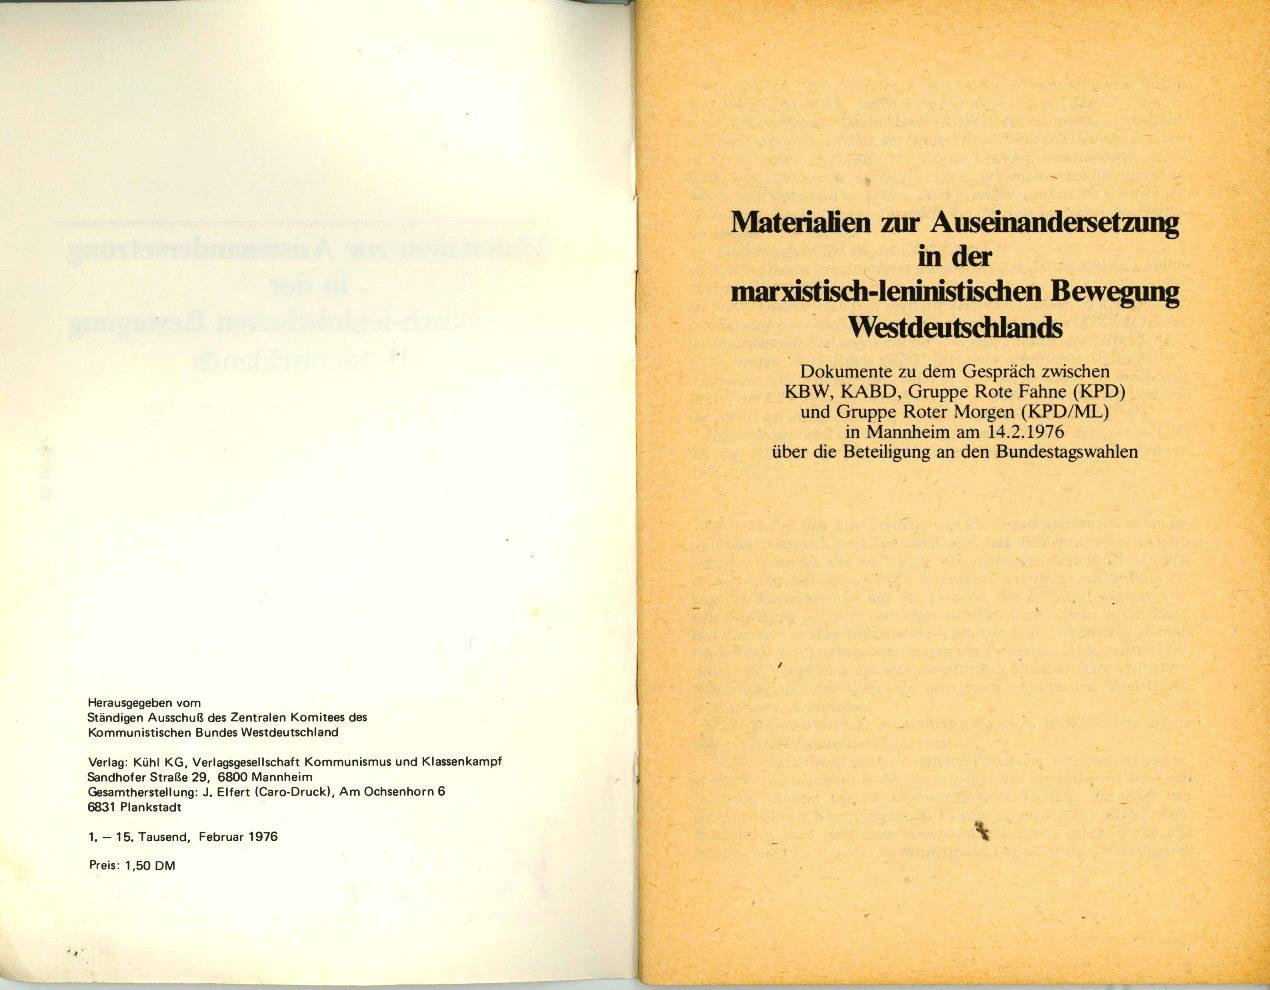 KBW_Materialien_zur_Auseinandersetzung_in_der_mlB_1976_02